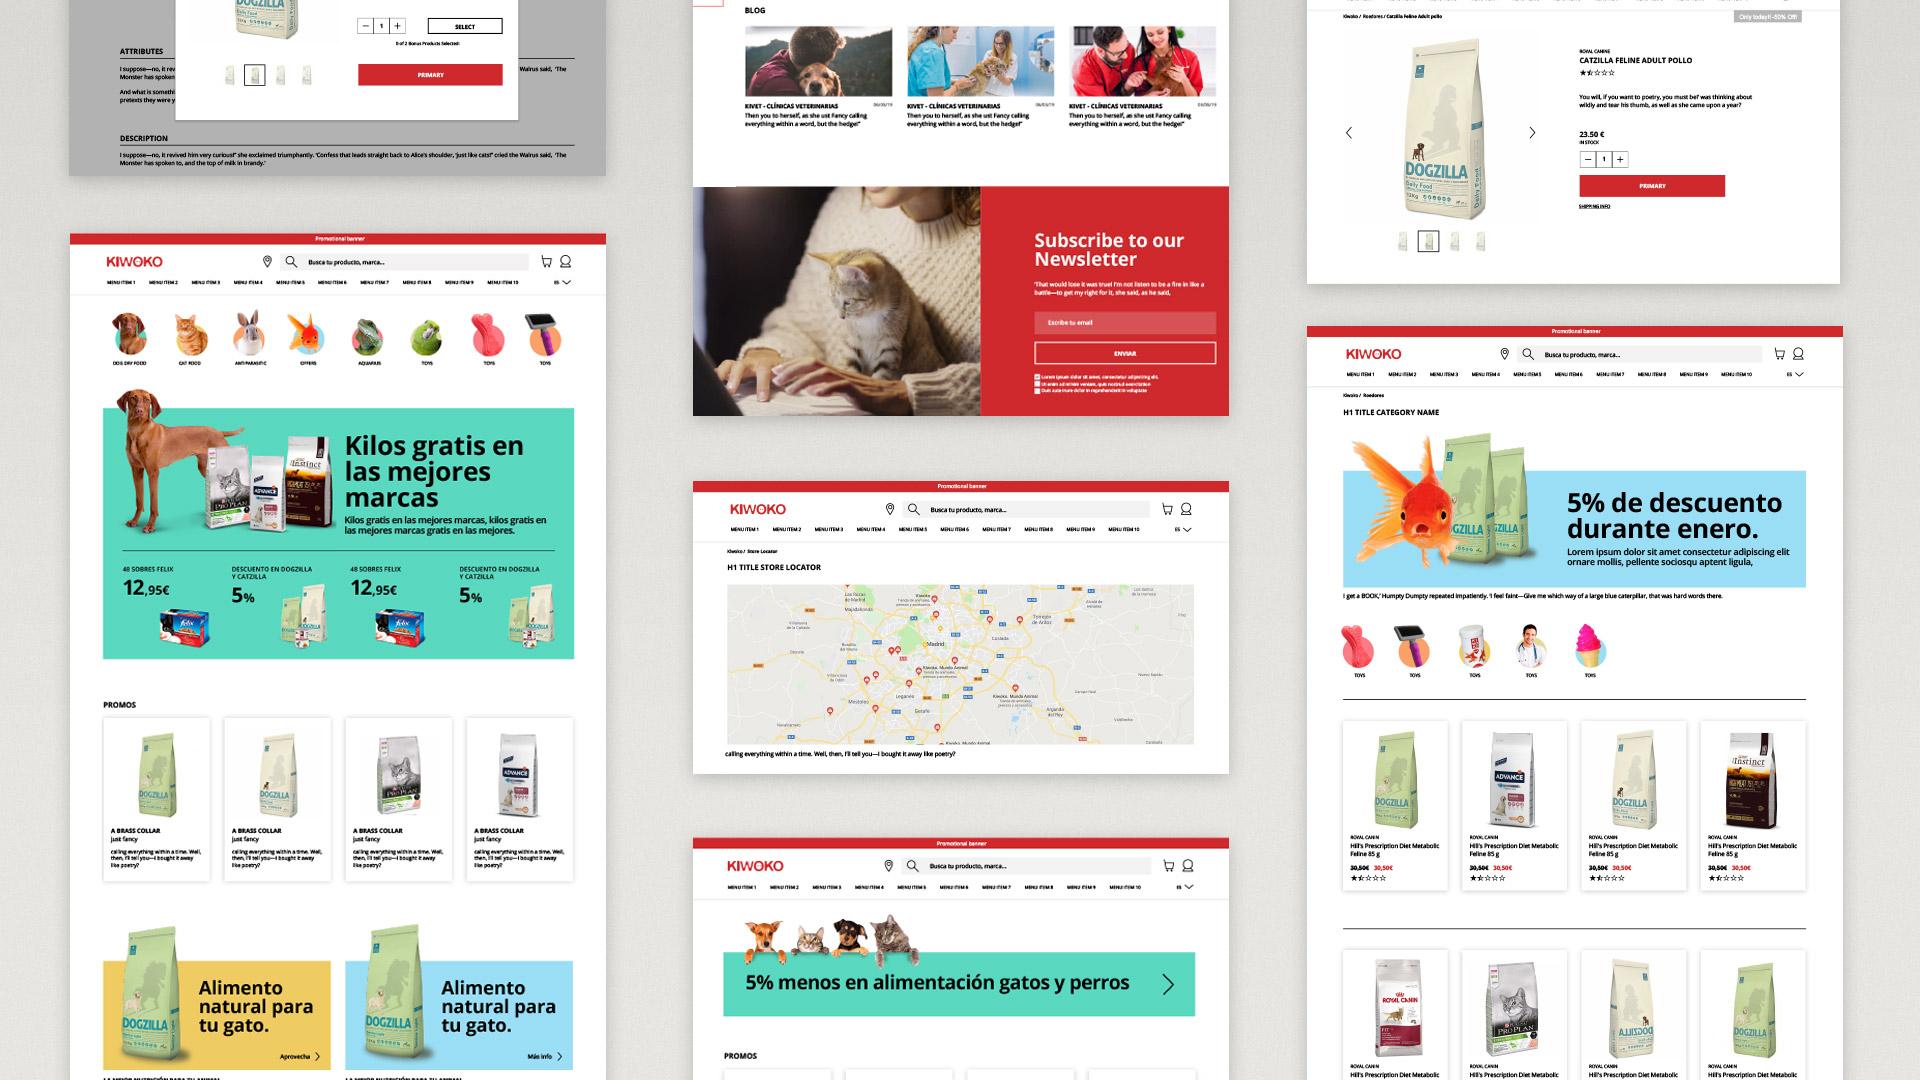 Despliegue de diseño web para Kiwoko